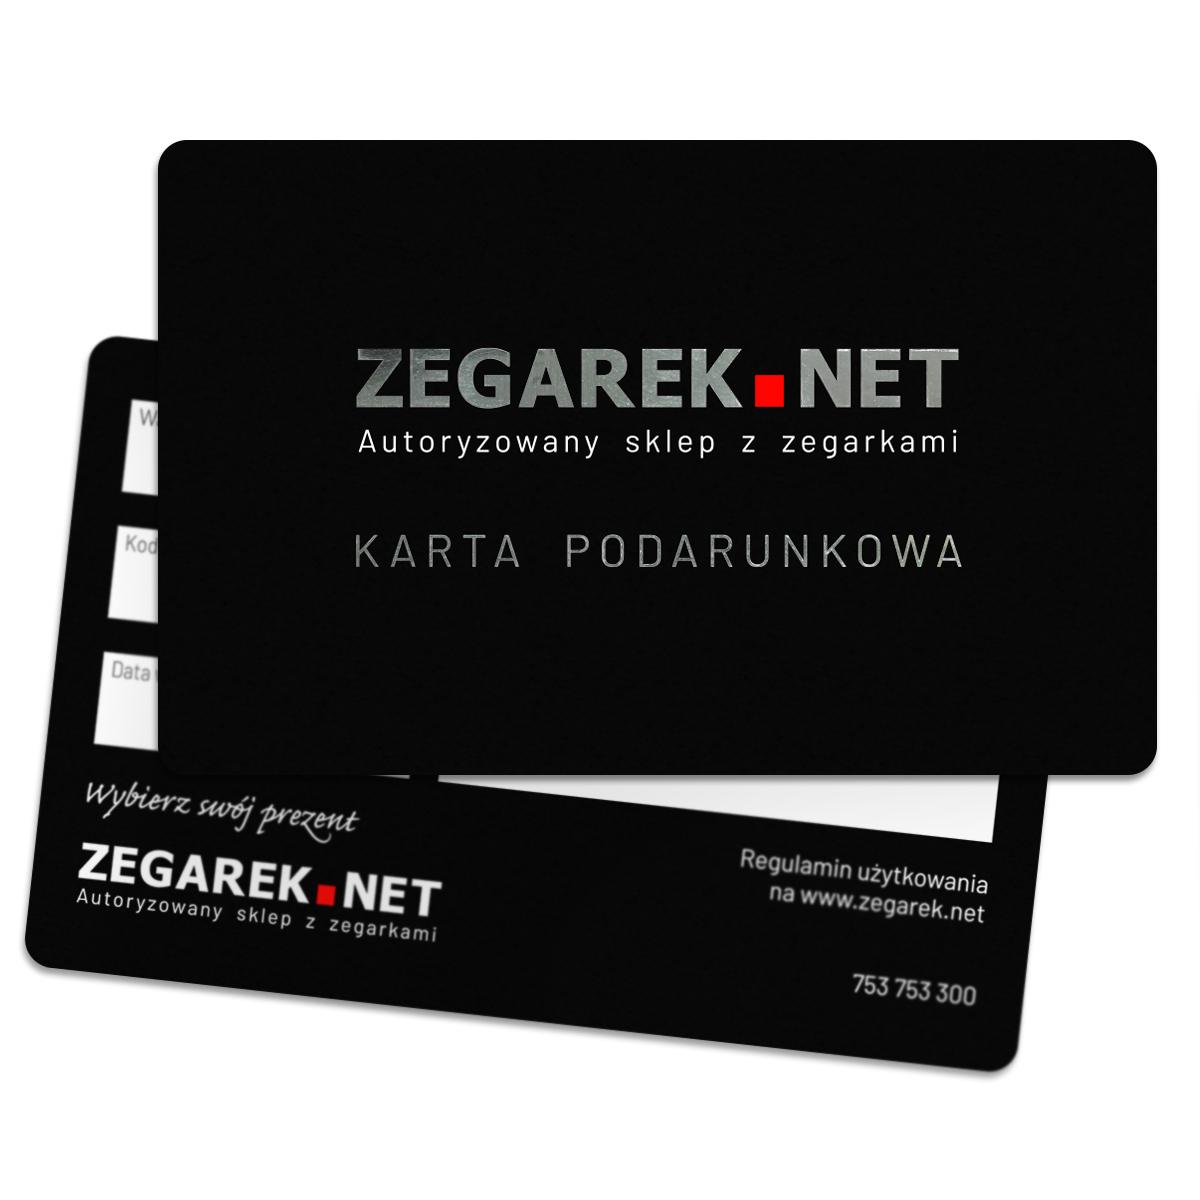 ZEGAREK.NET Karta podarunkowa 50 zł - karta podarunkowa